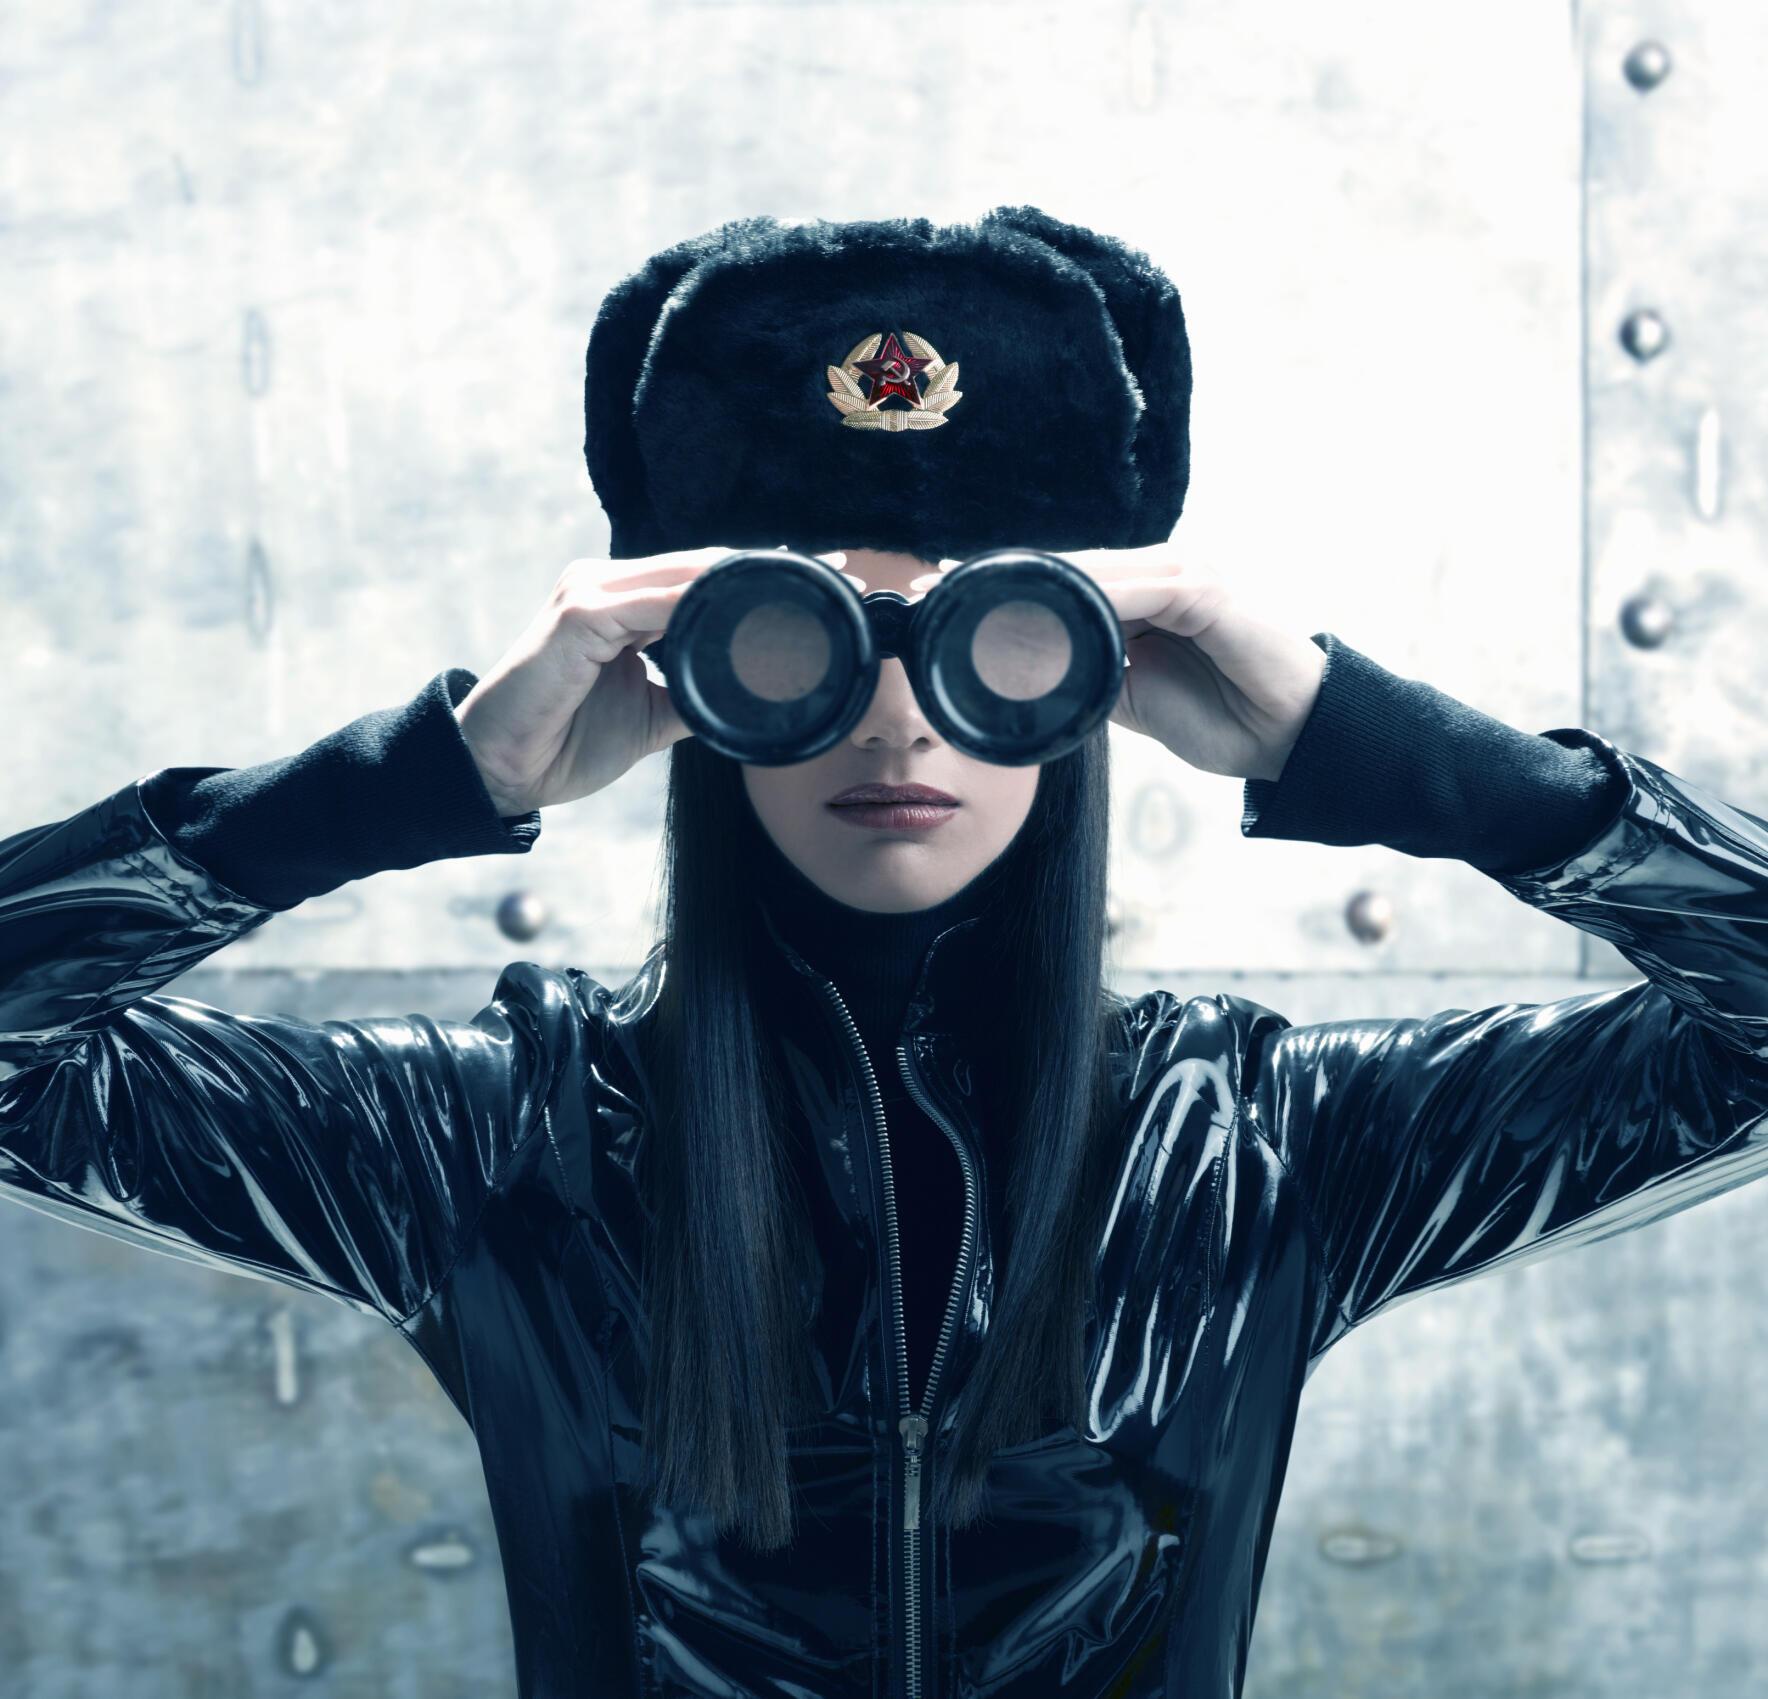 По мнению экспертов, в последние годы российские спецслужбы резко активизировались в Европе.